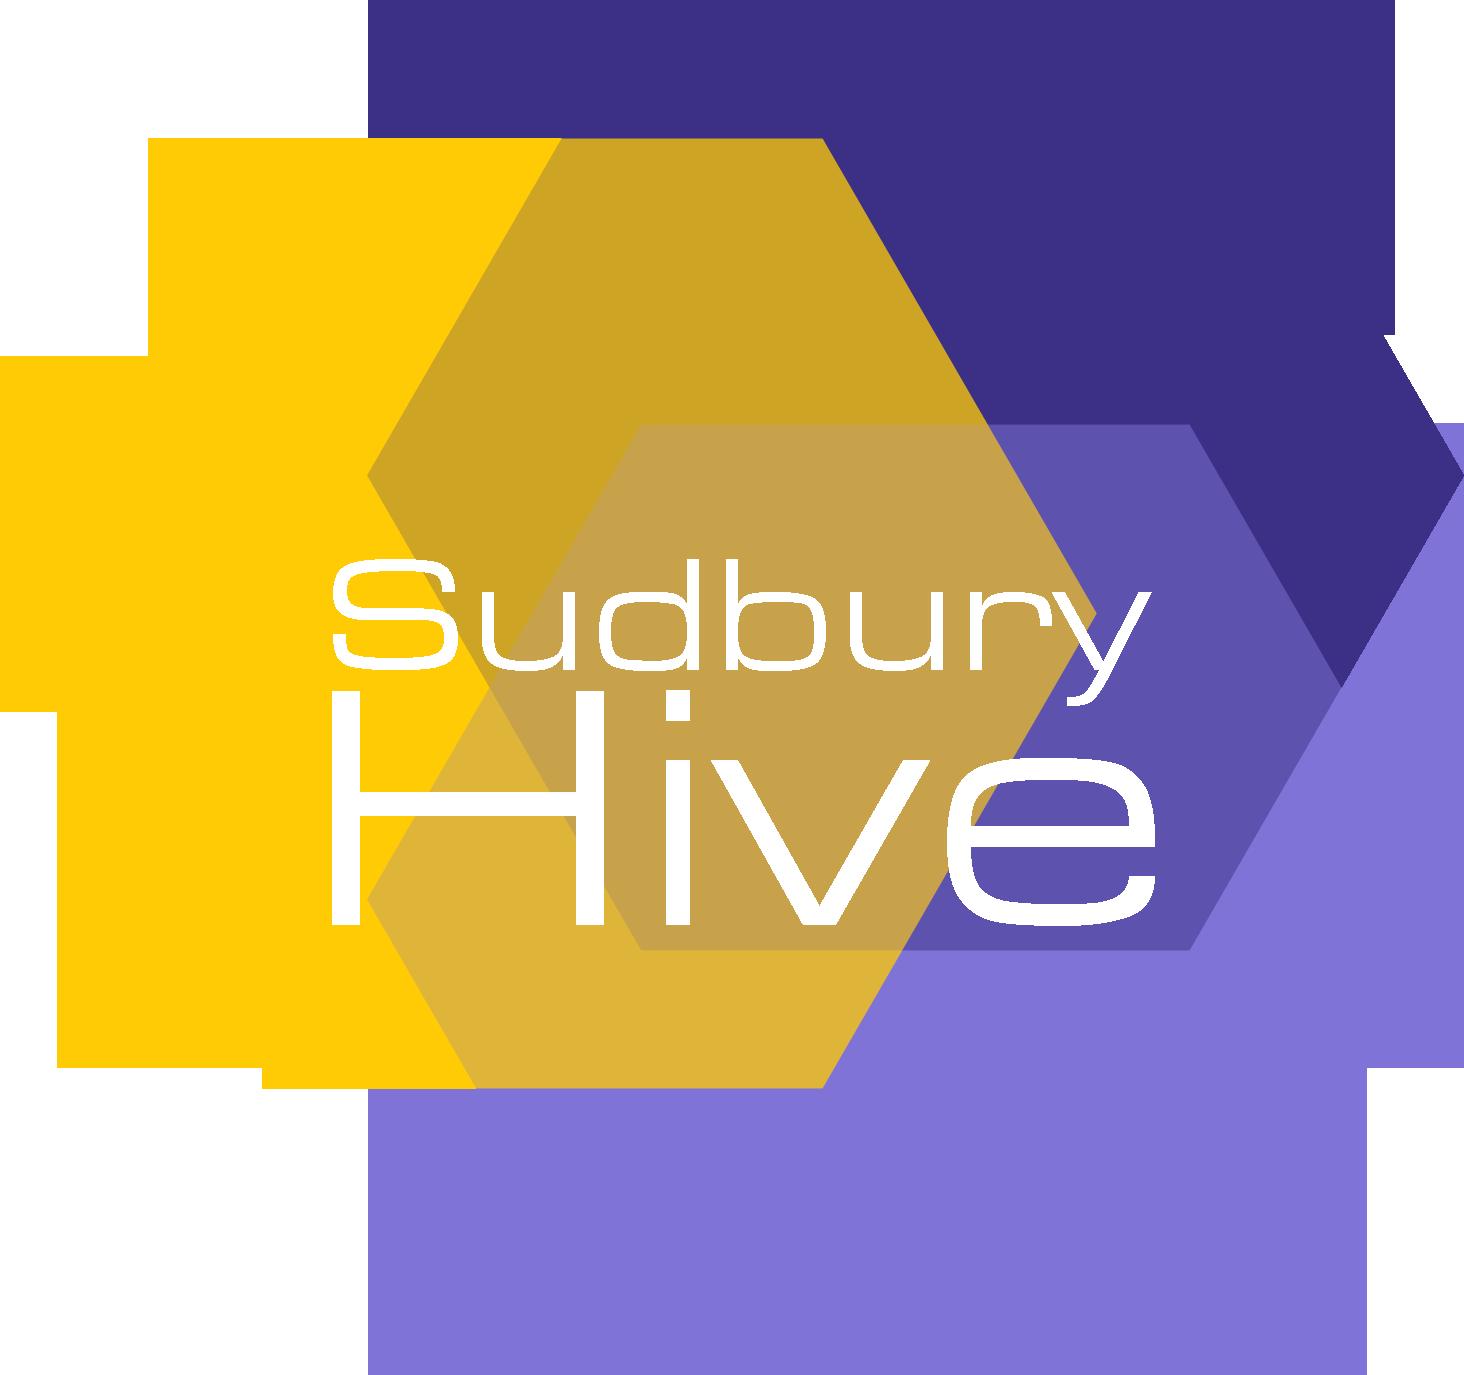 Sudbury Hive